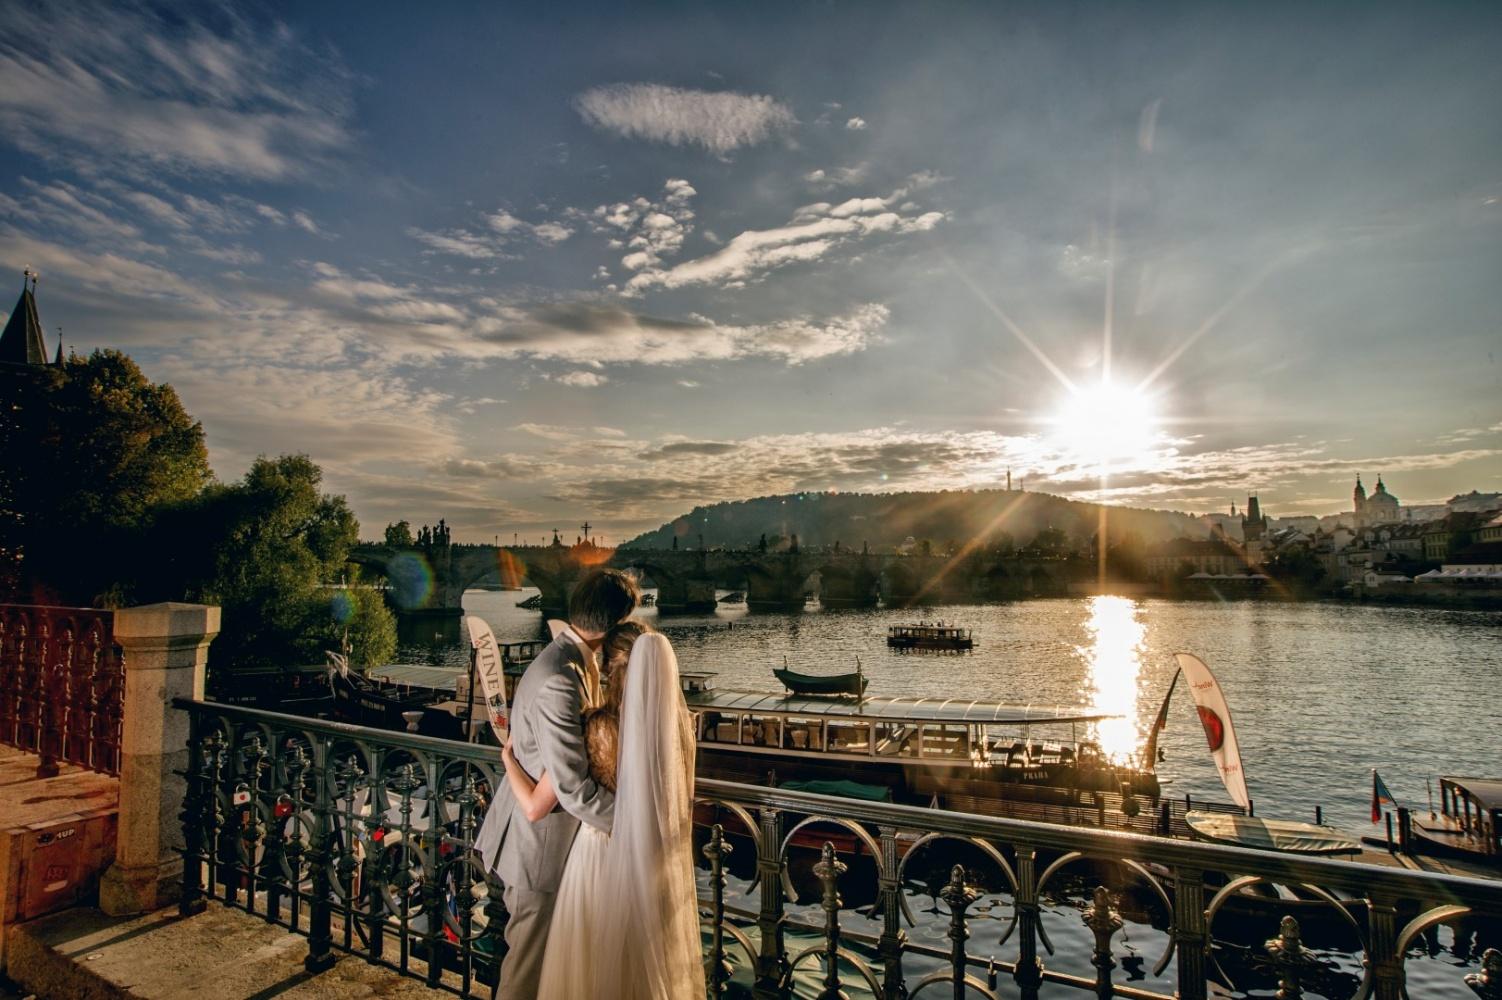 http://www.fotoz.sk/images/gallery-21/normal/eskuvoi-fotos_svadobny-fotograf_229.jpg